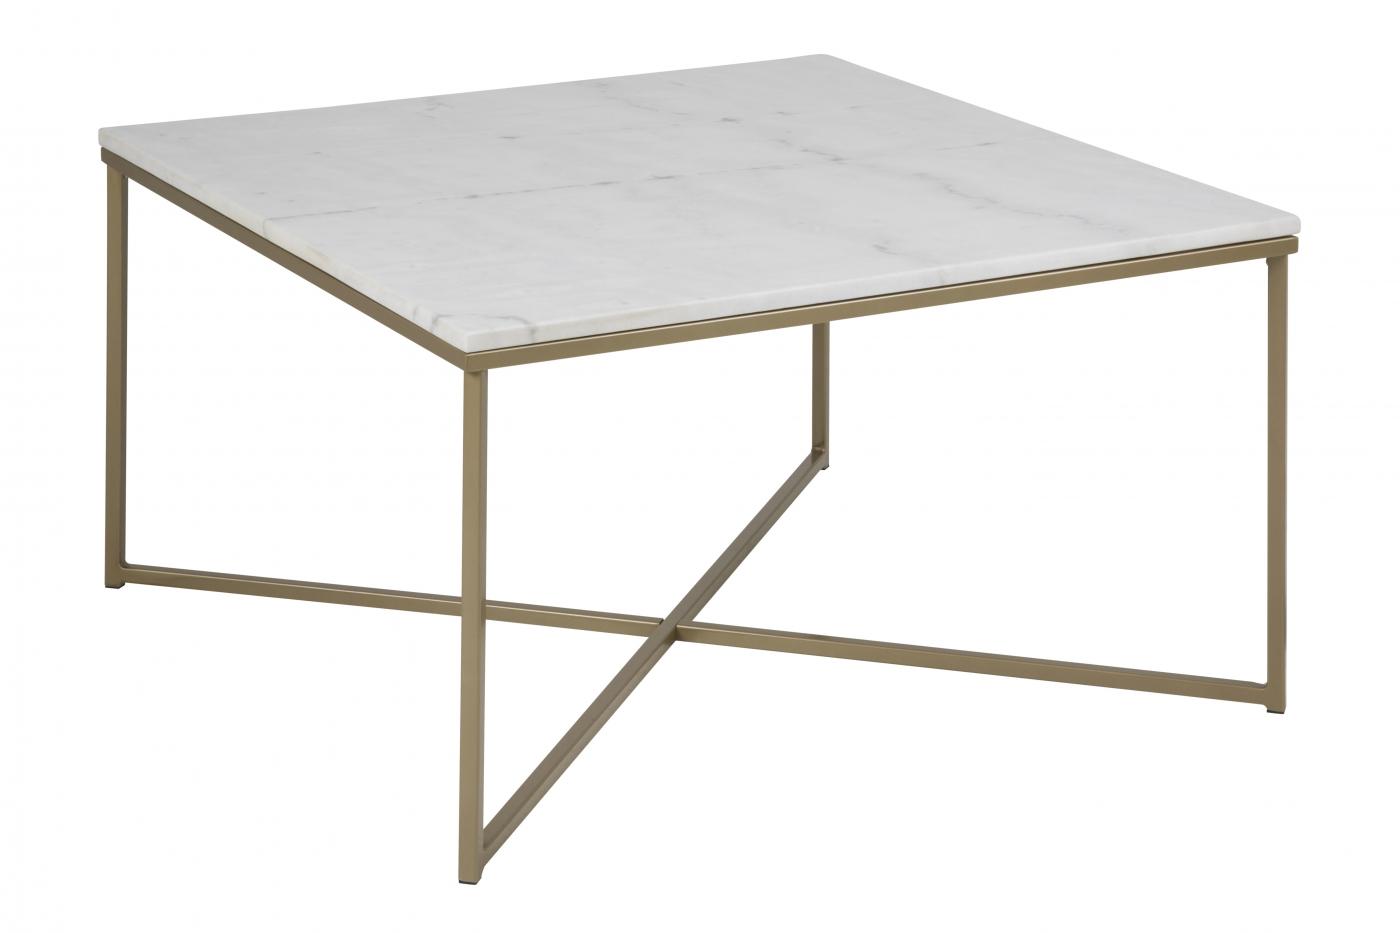 Konferenční stolek hranatý Alma, 80 cm, zlatá